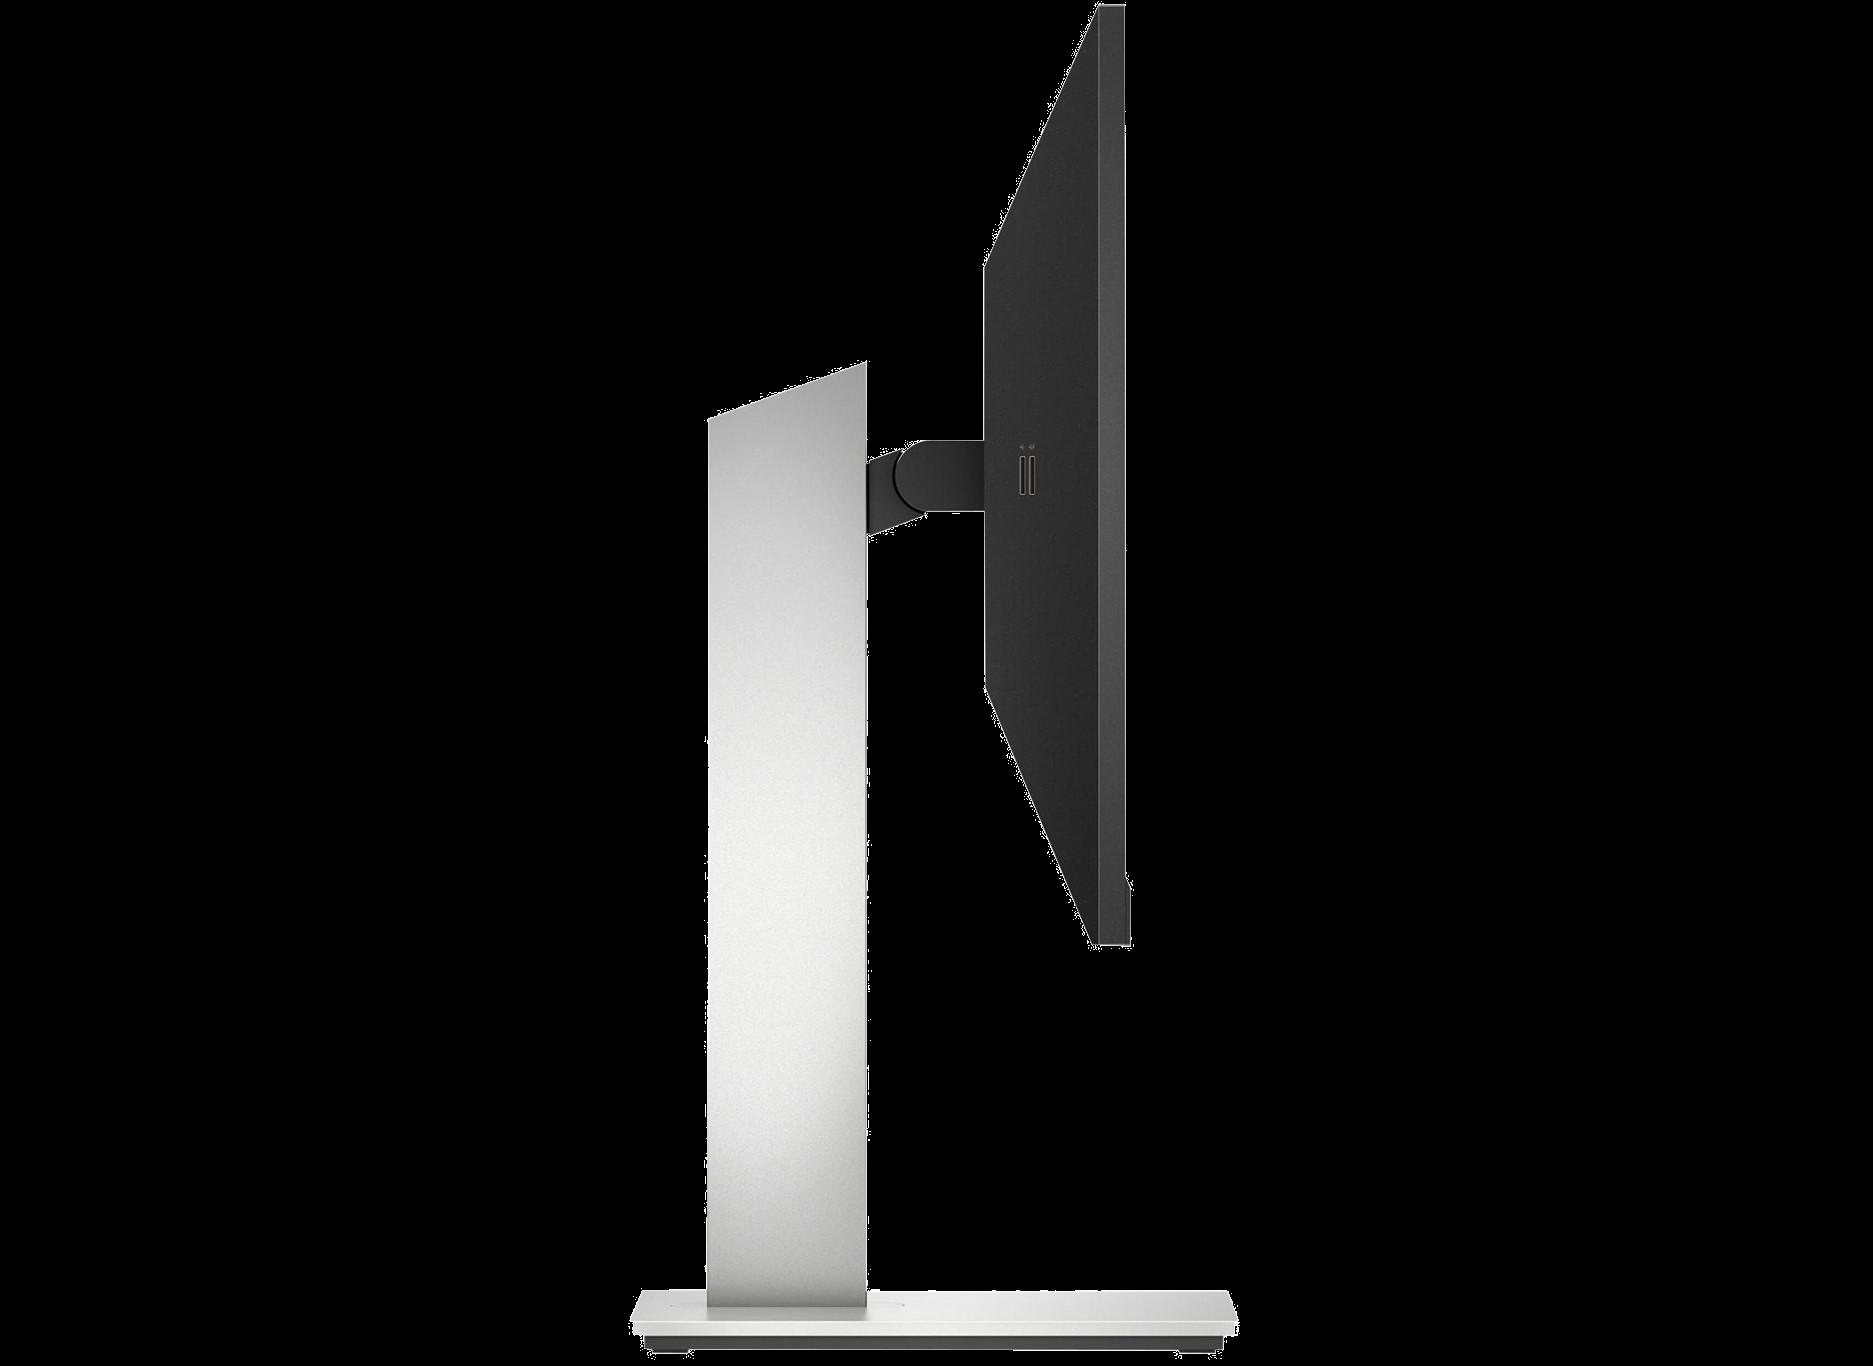 Moniteur HP E23 G4